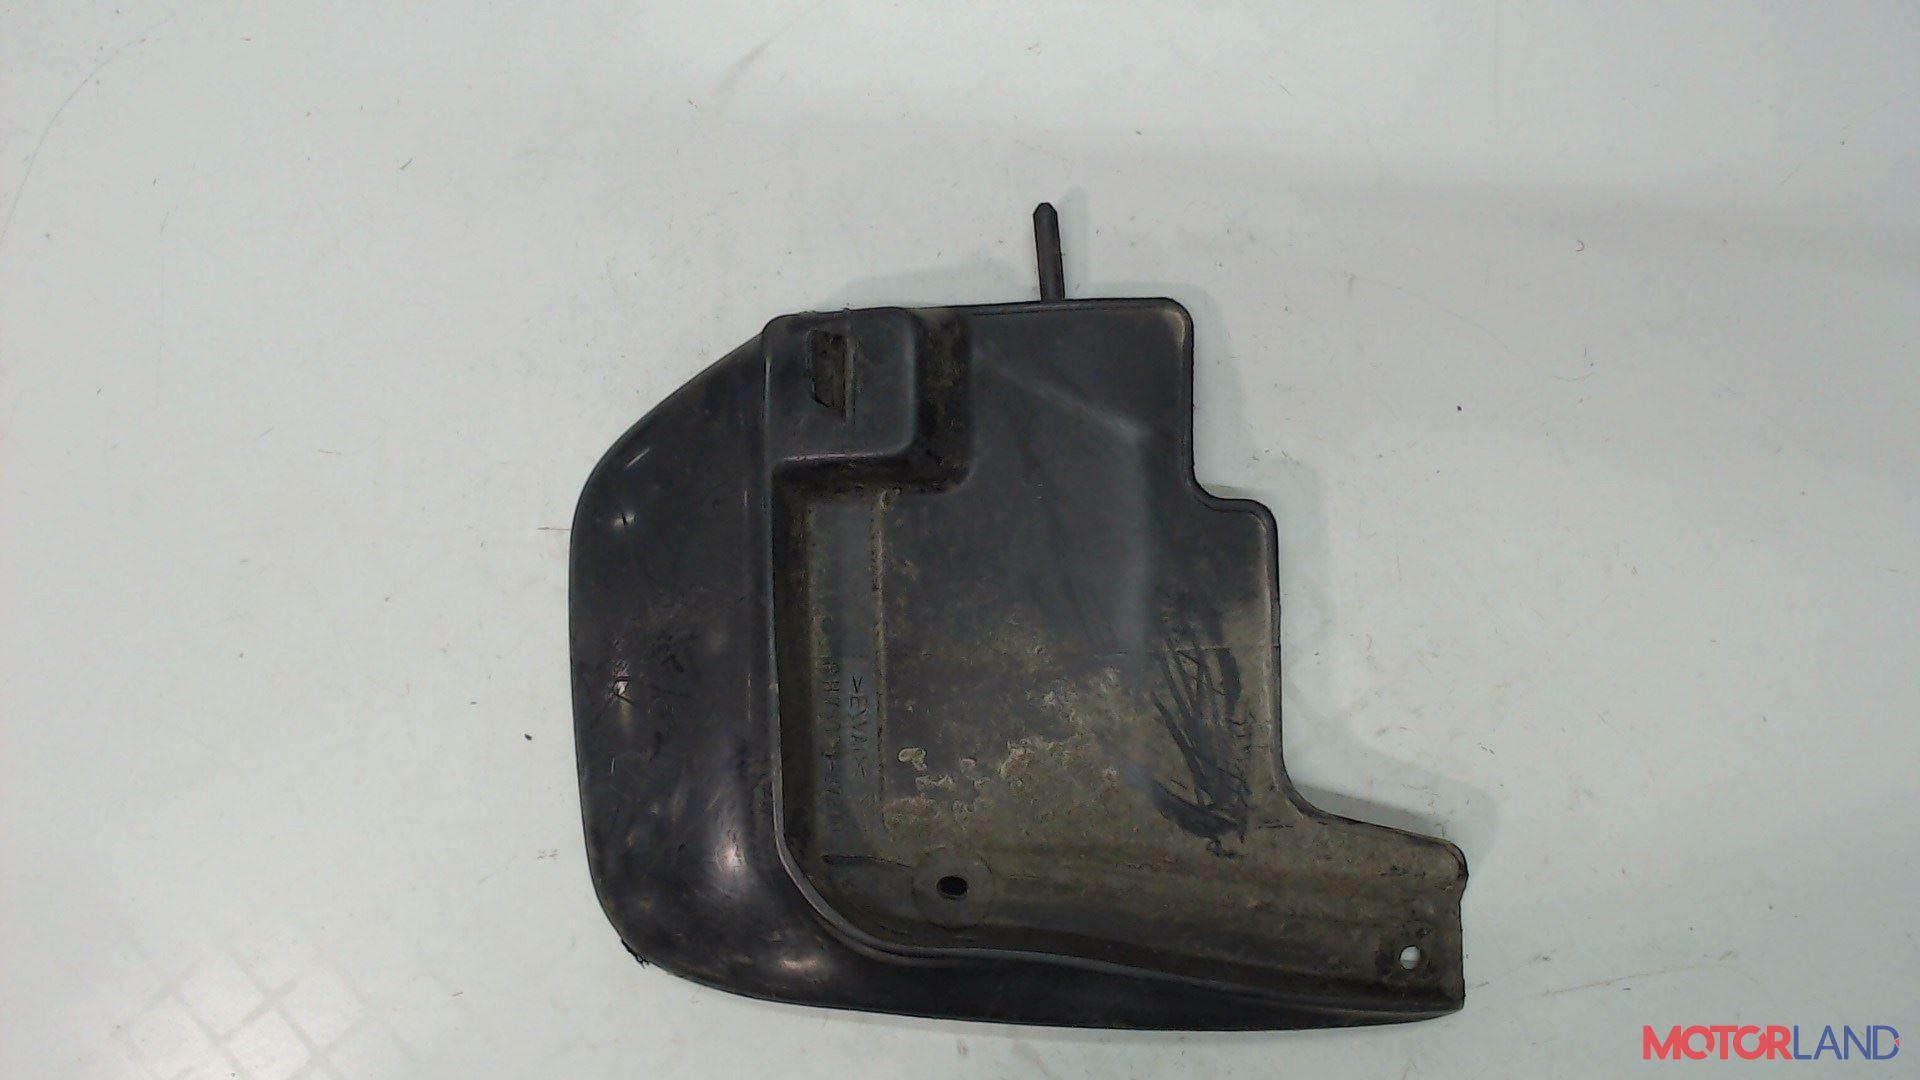 Брызговик Daihatsu Cuore 1995-1999, Артикул 5503664 #1